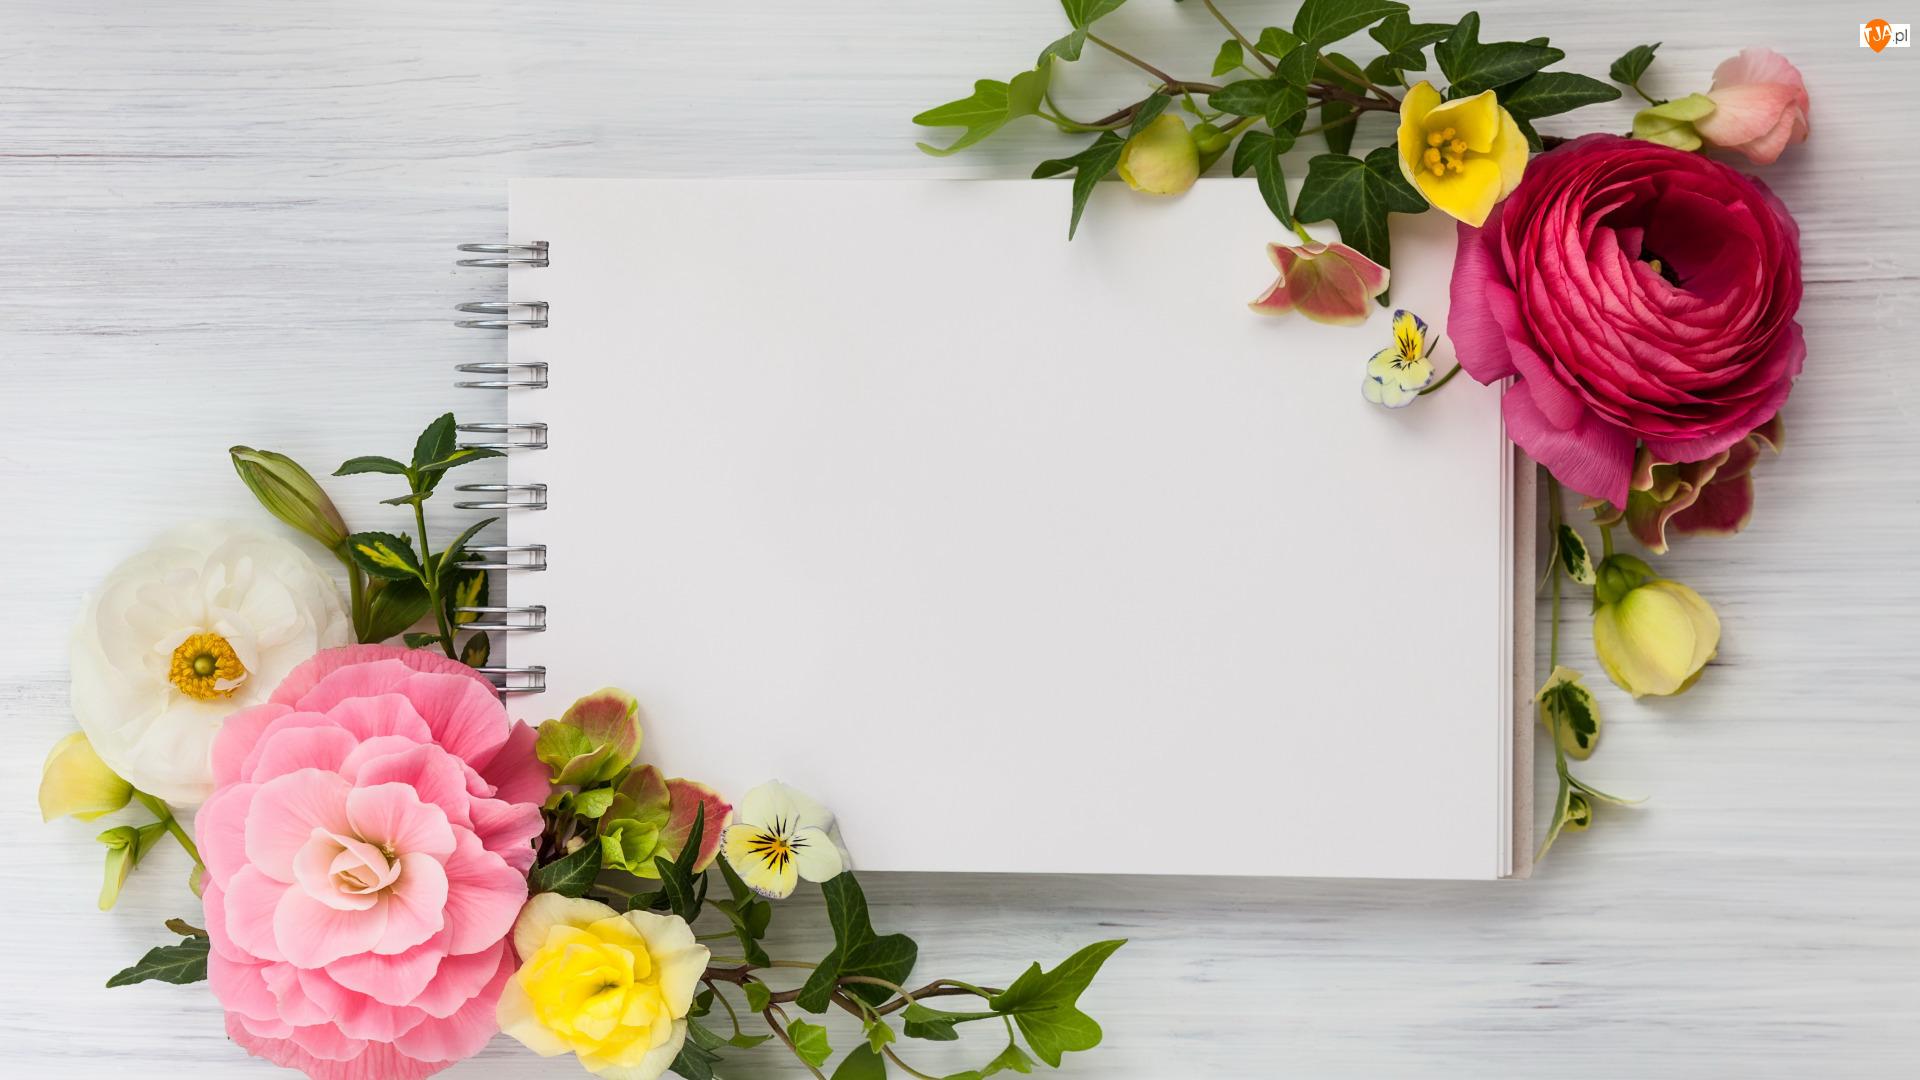 Notatnik, Kwiaty